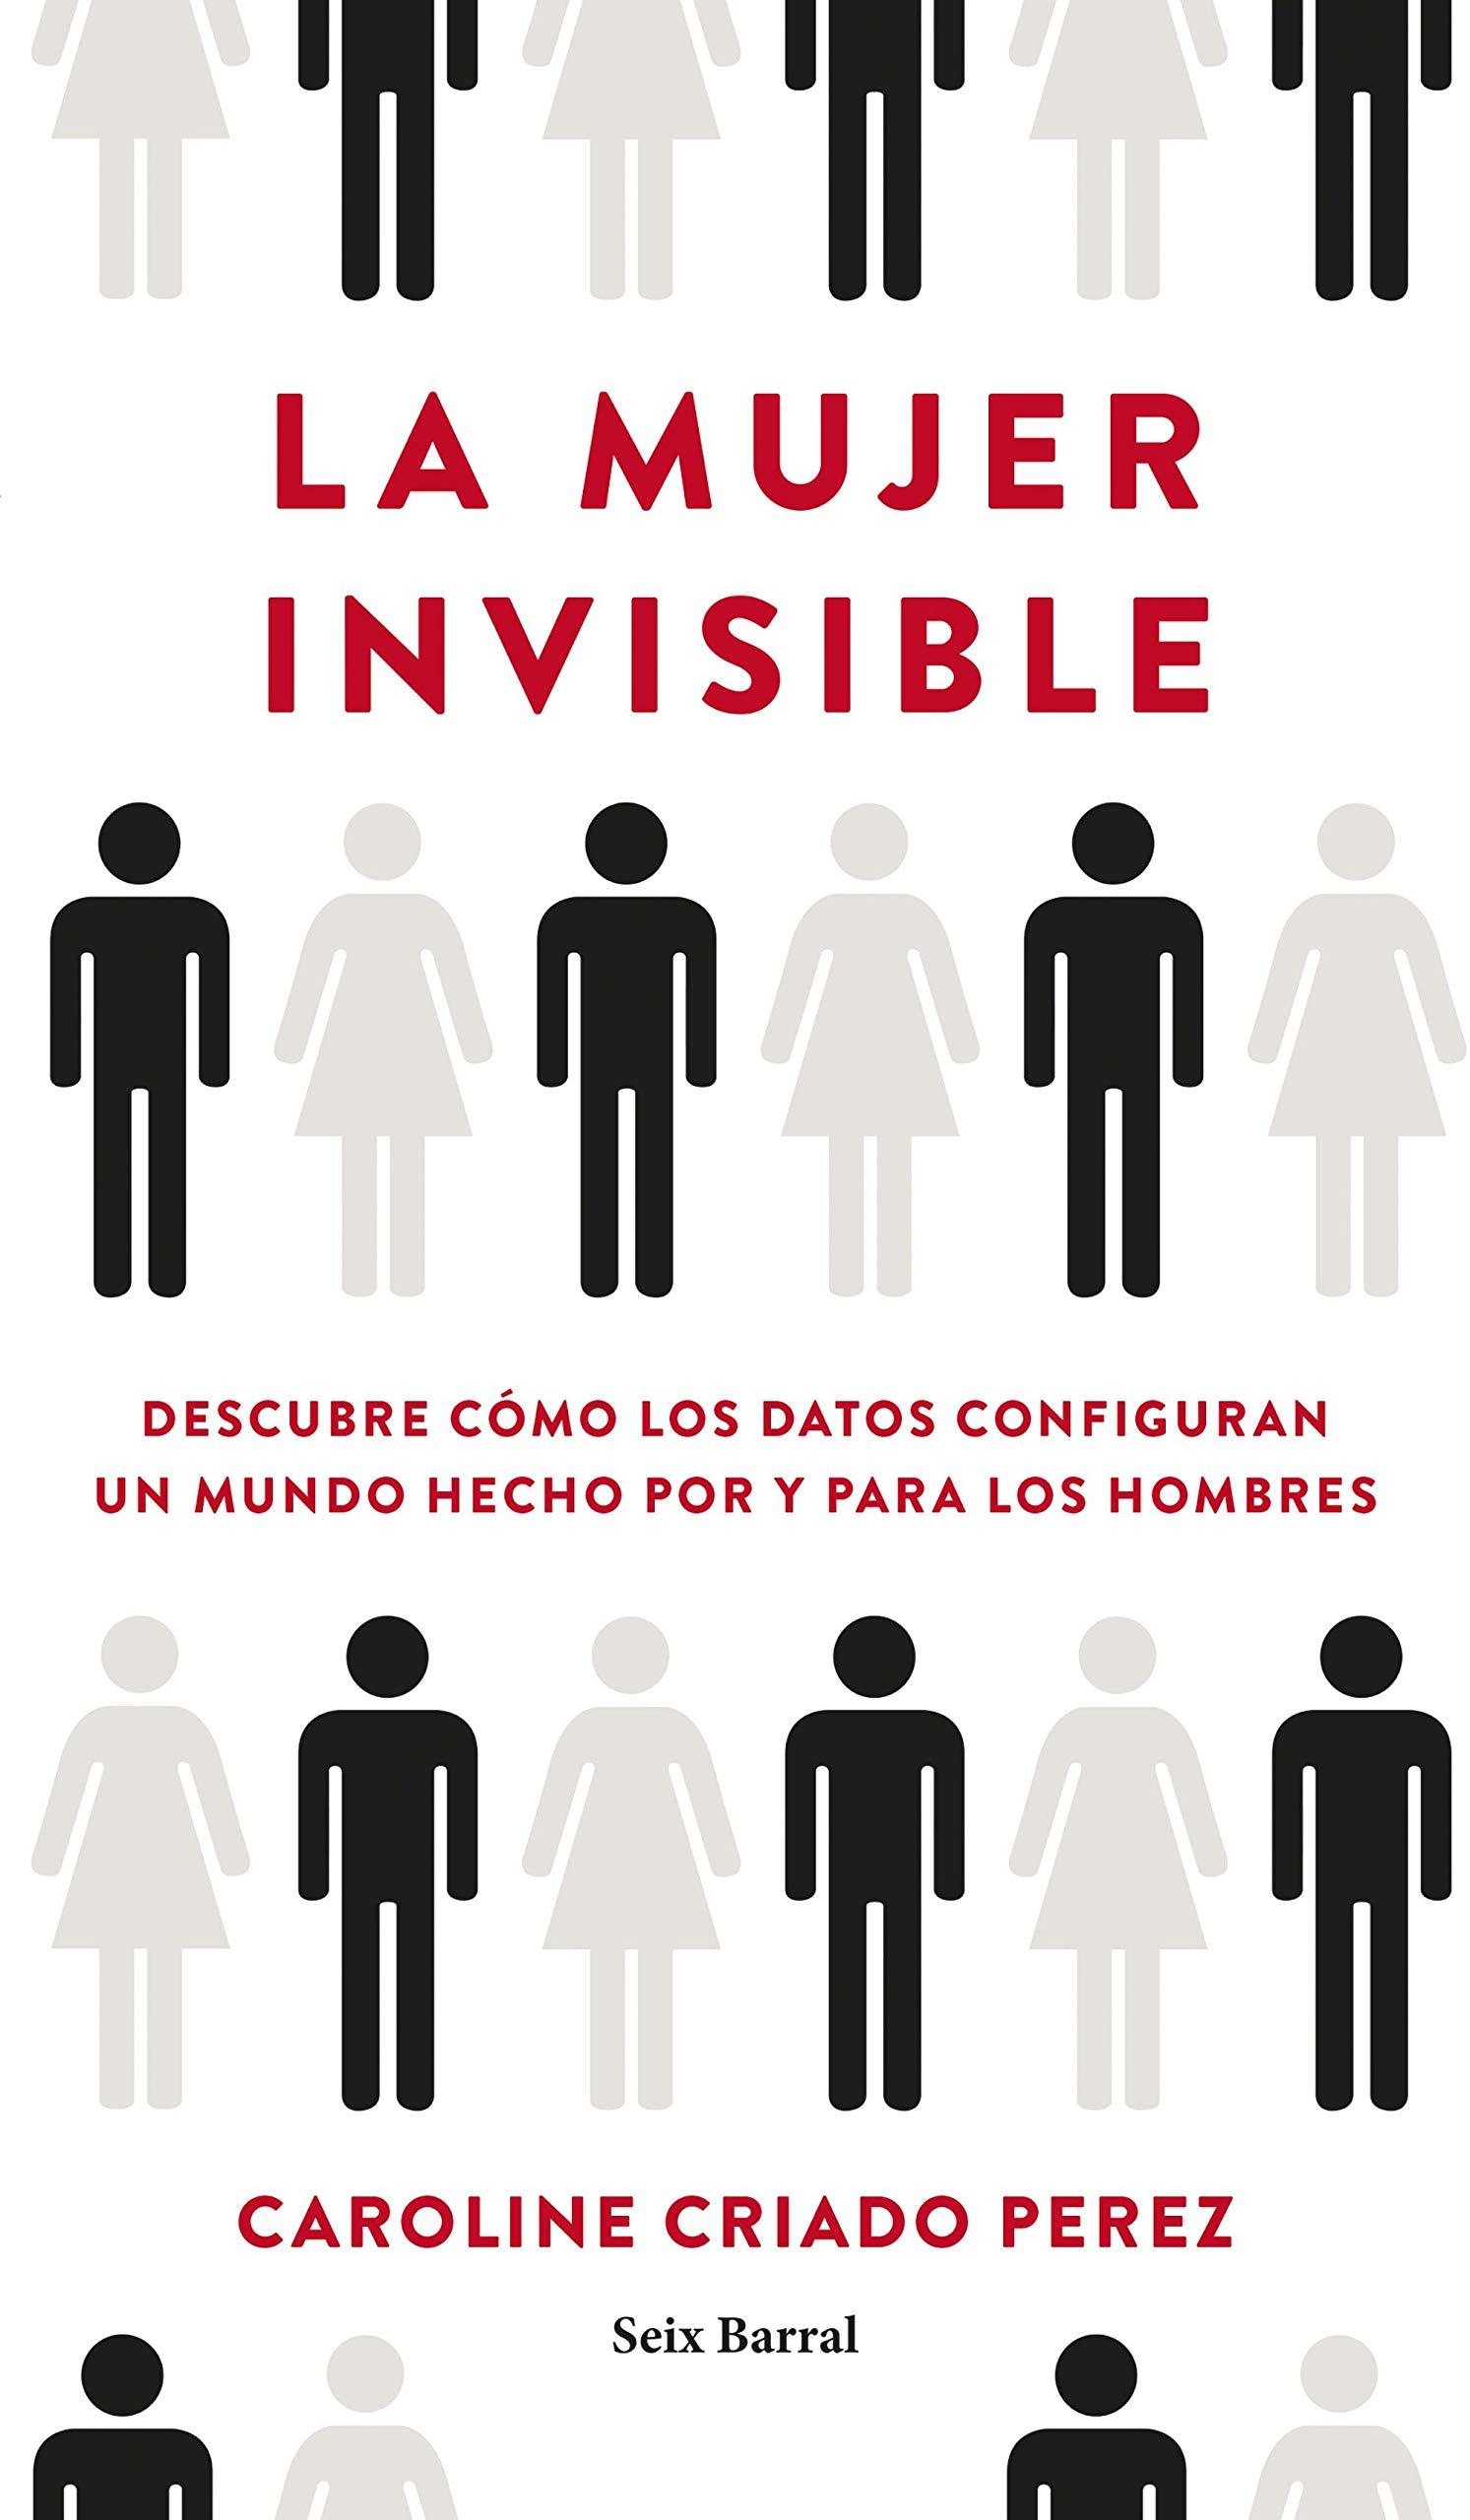 Imatge de la portada del llibre La mujer invisible